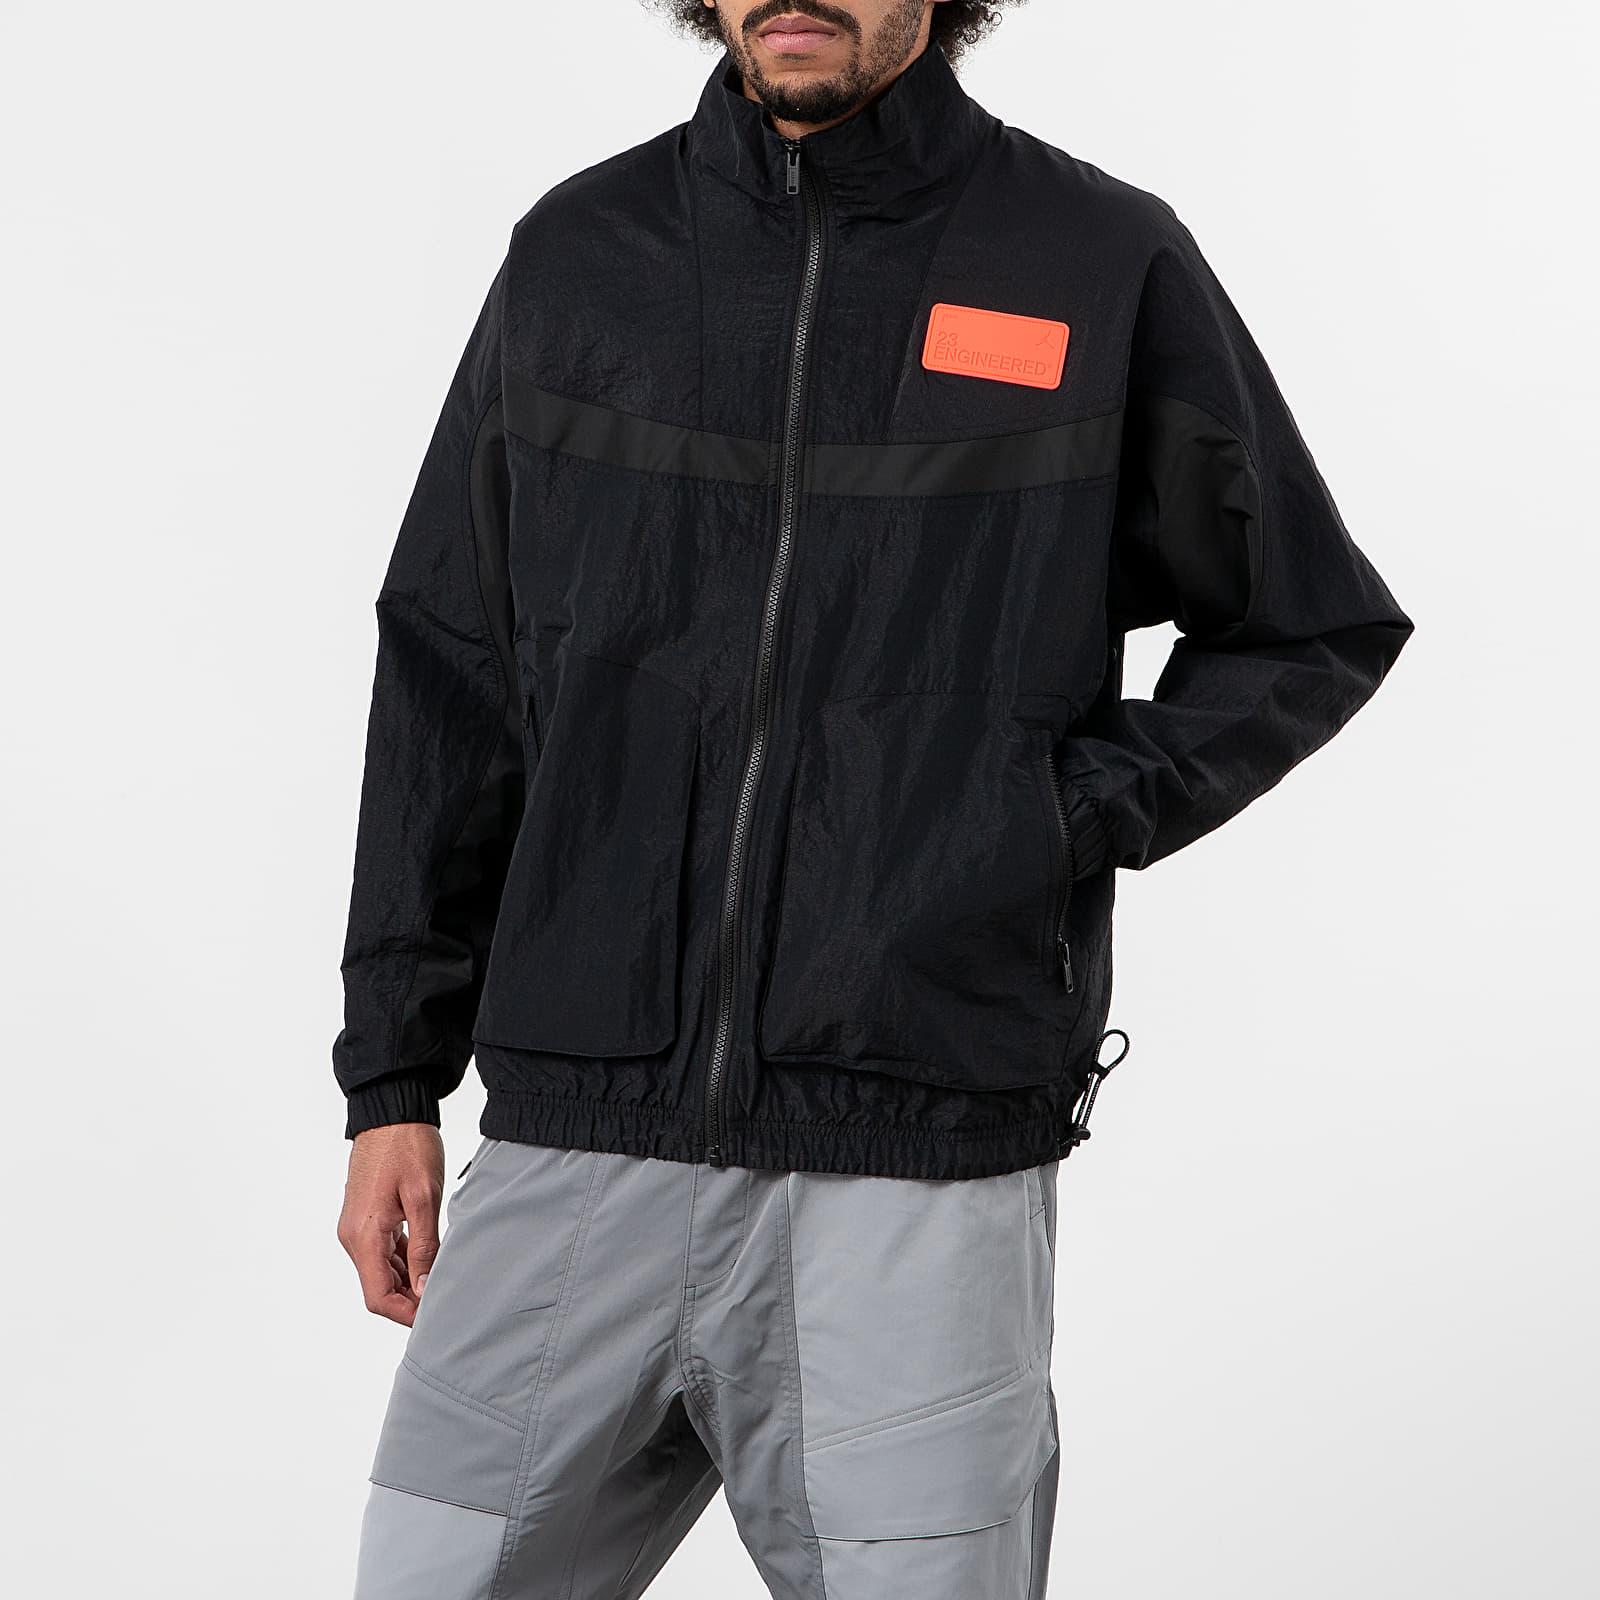 Jordan 23 Engineered Nylon Jacket